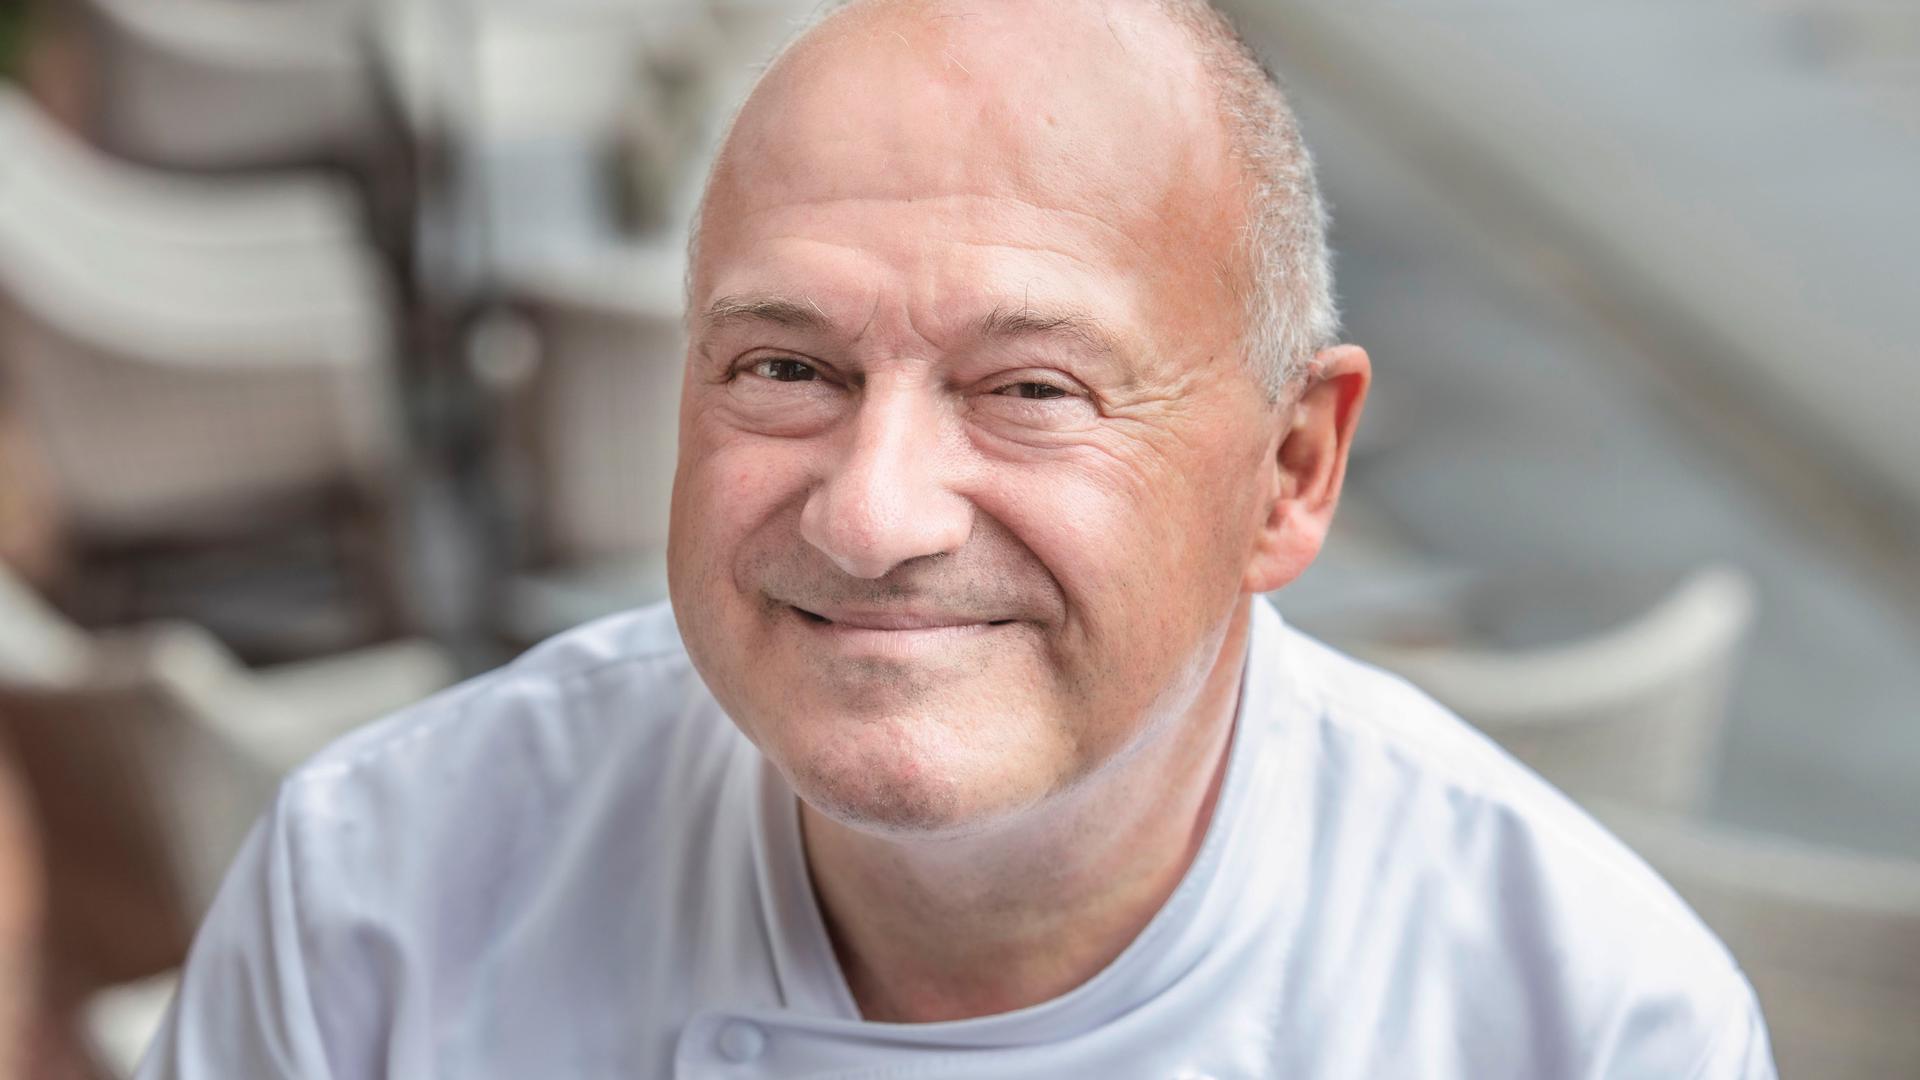 Mann mit wenigen grauen Haaren, der lächelt